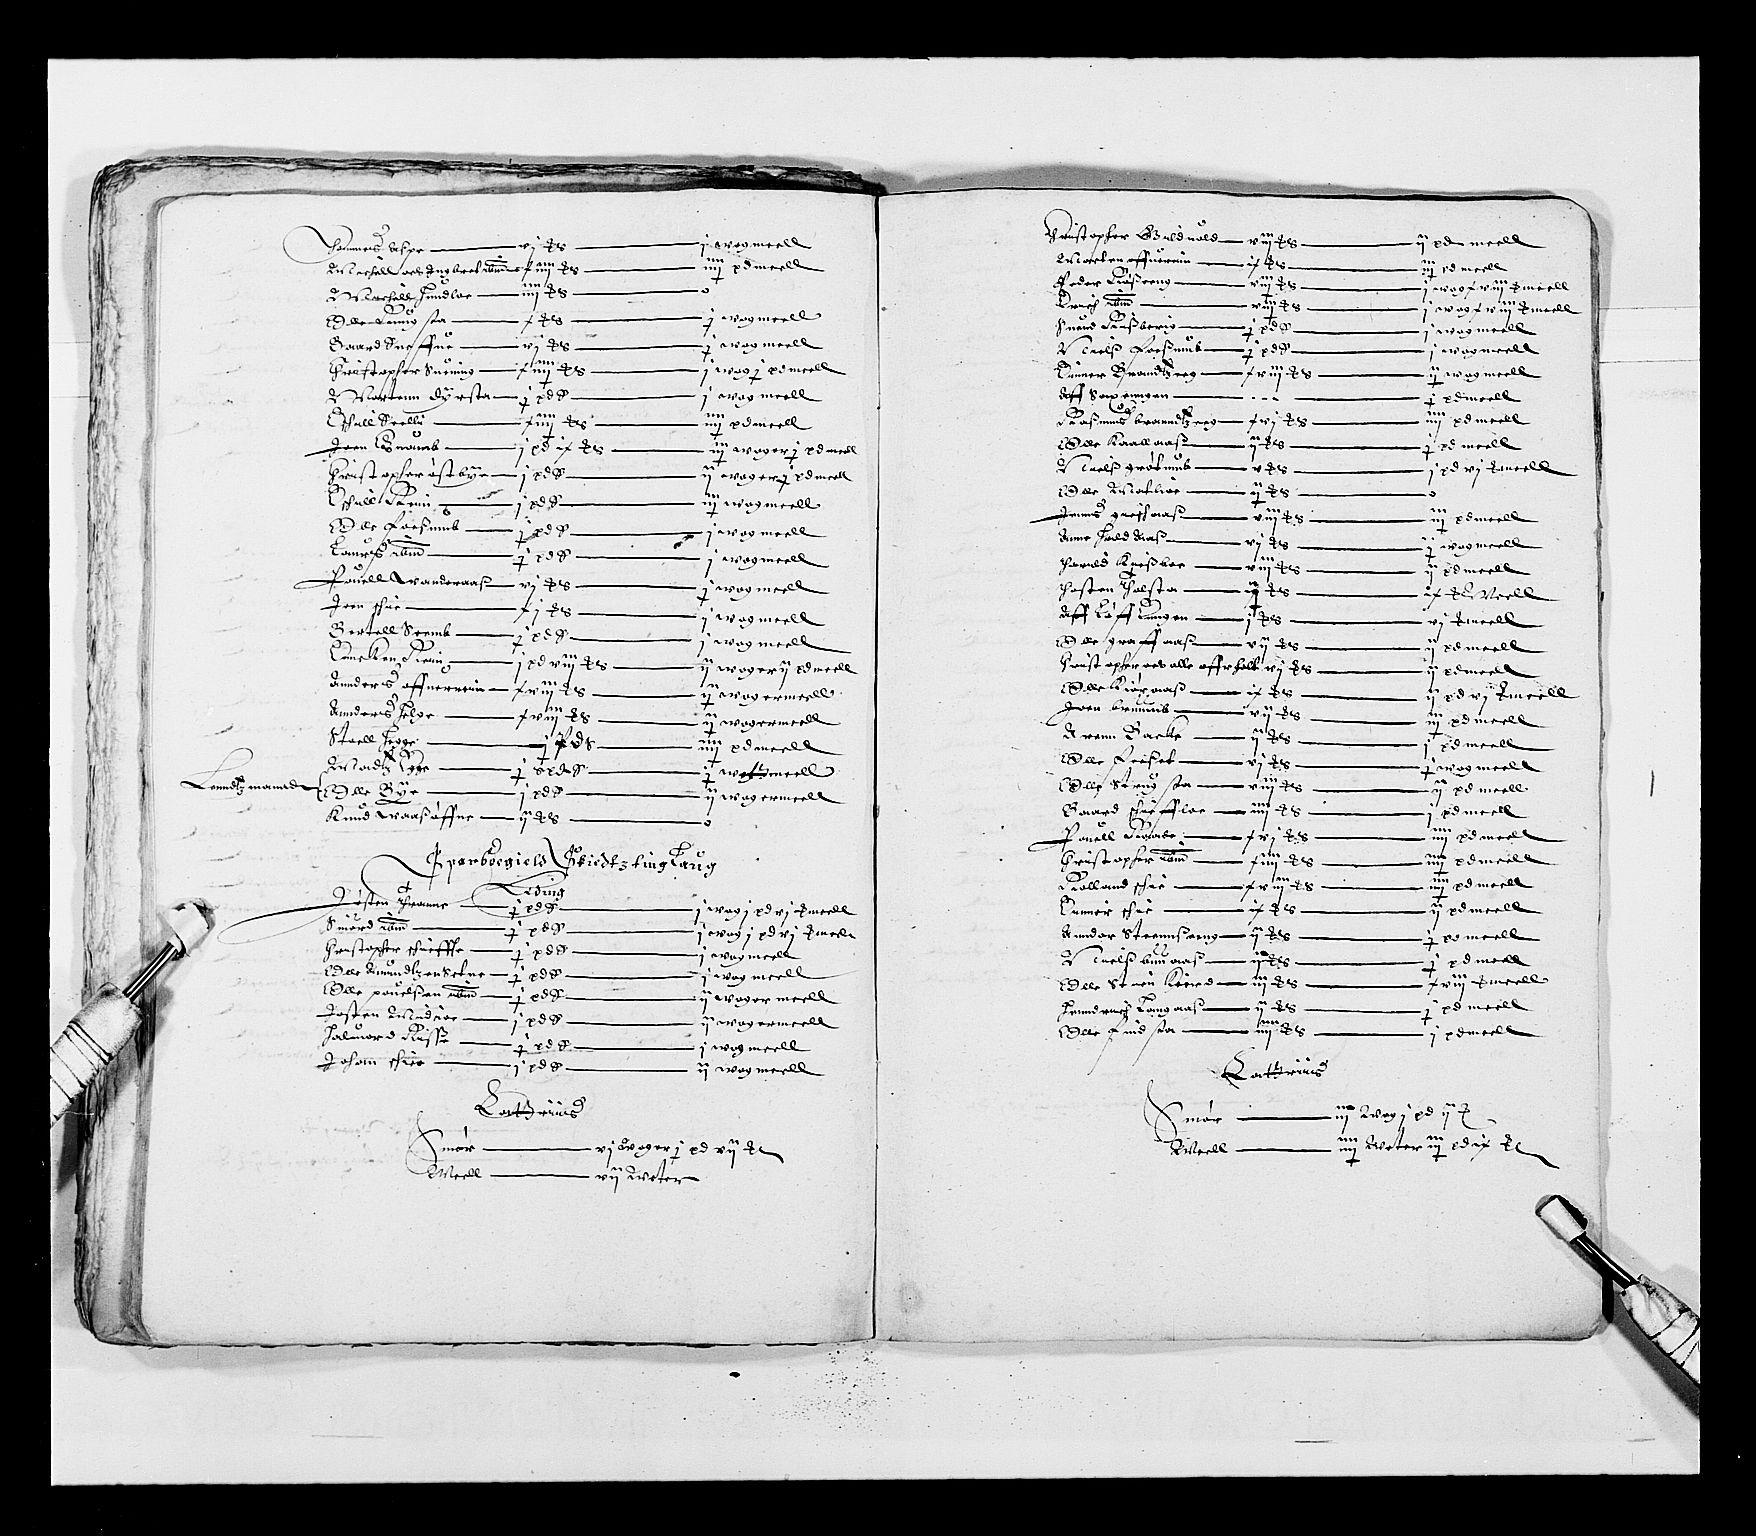 RA, Stattholderembetet 1572-1771, Ek/L0028: Jordebøker 1633-1658:, 1645-1646, s. 115